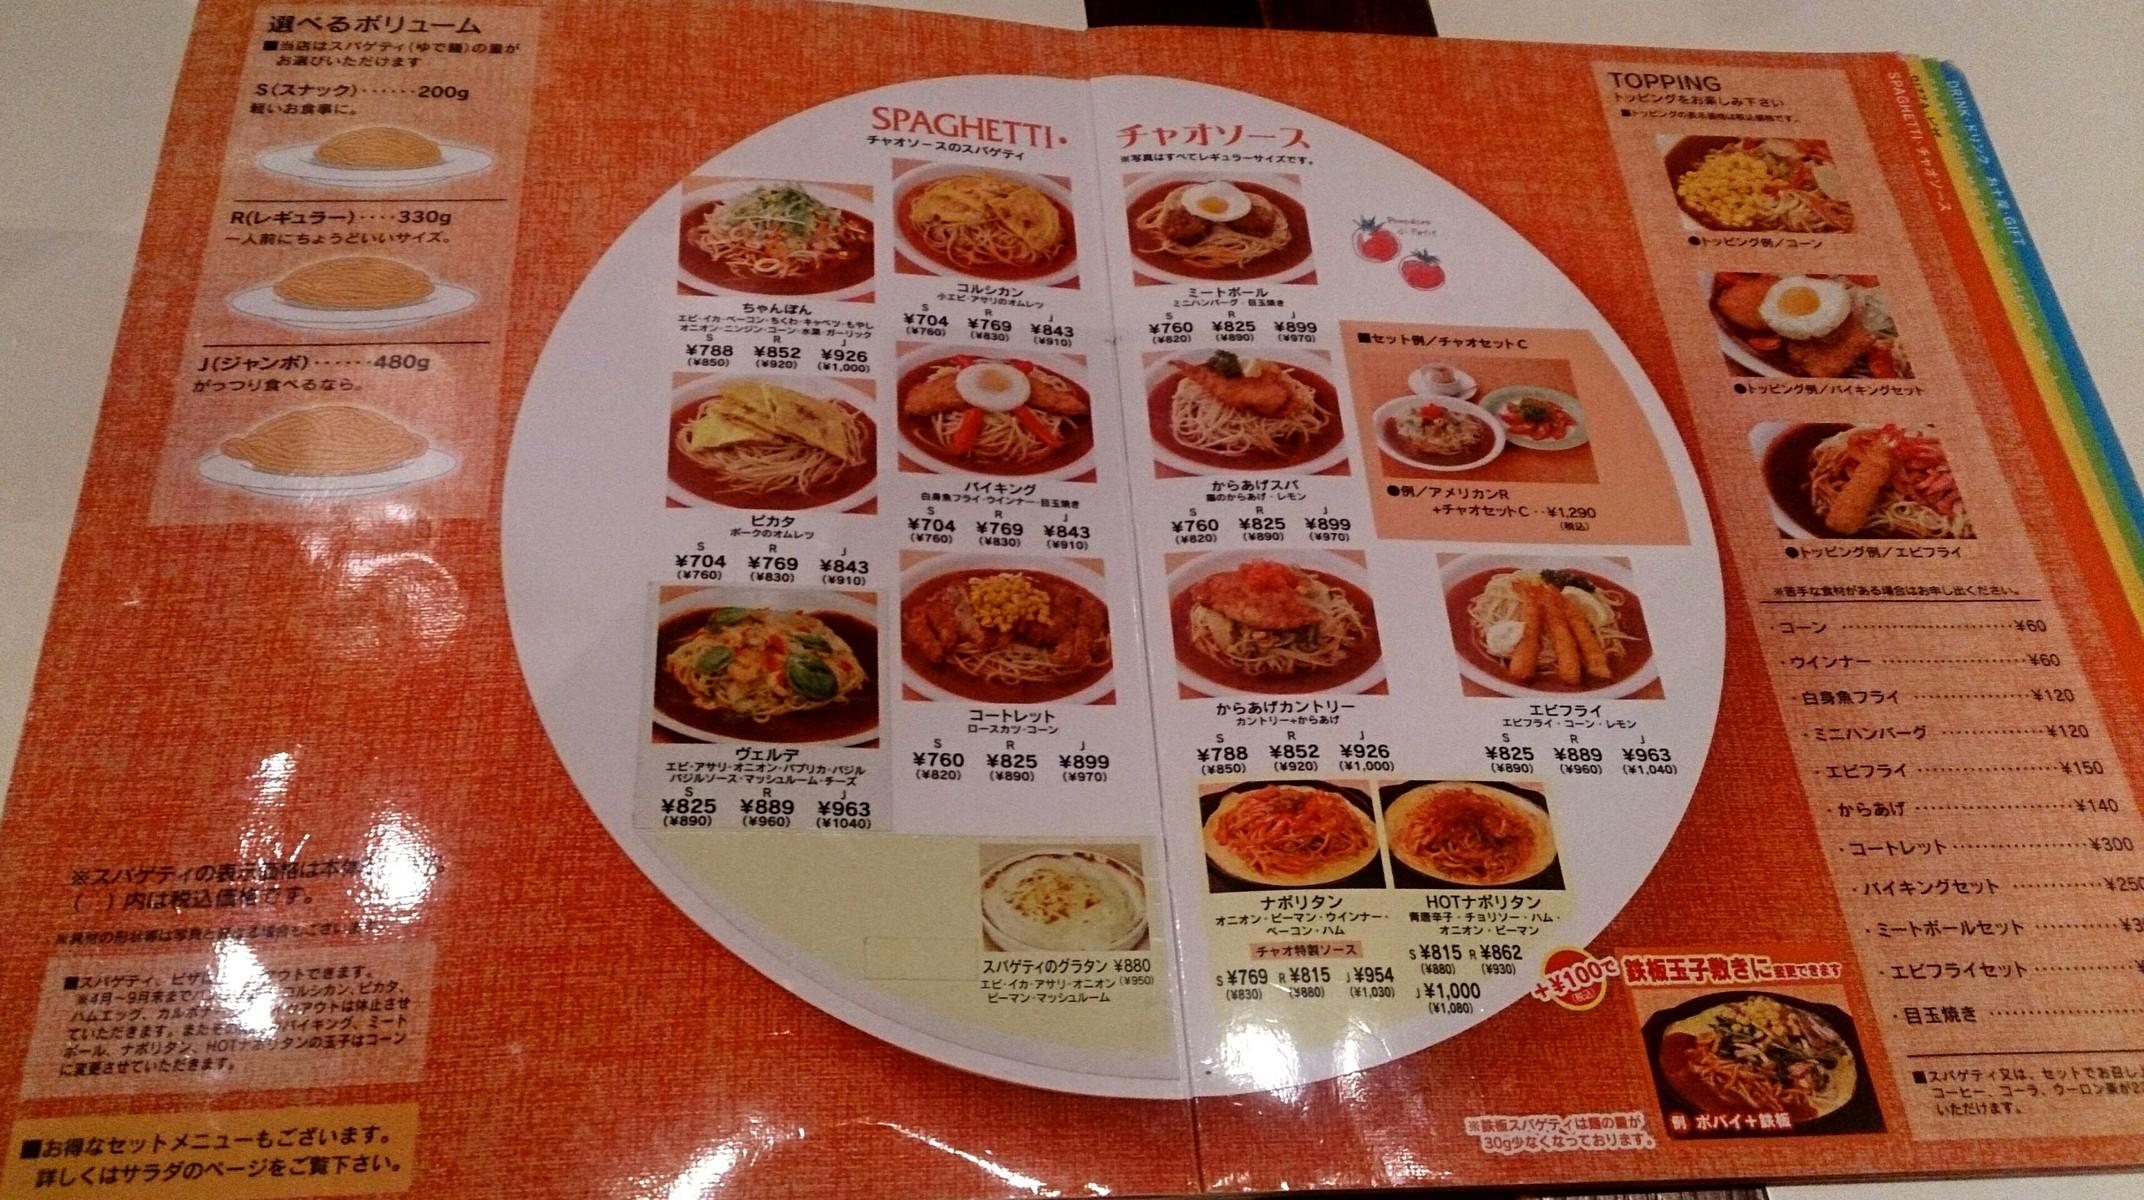 稲沢市 : Airの食べログ日記 岐阜・尾張・名古屋を中心に